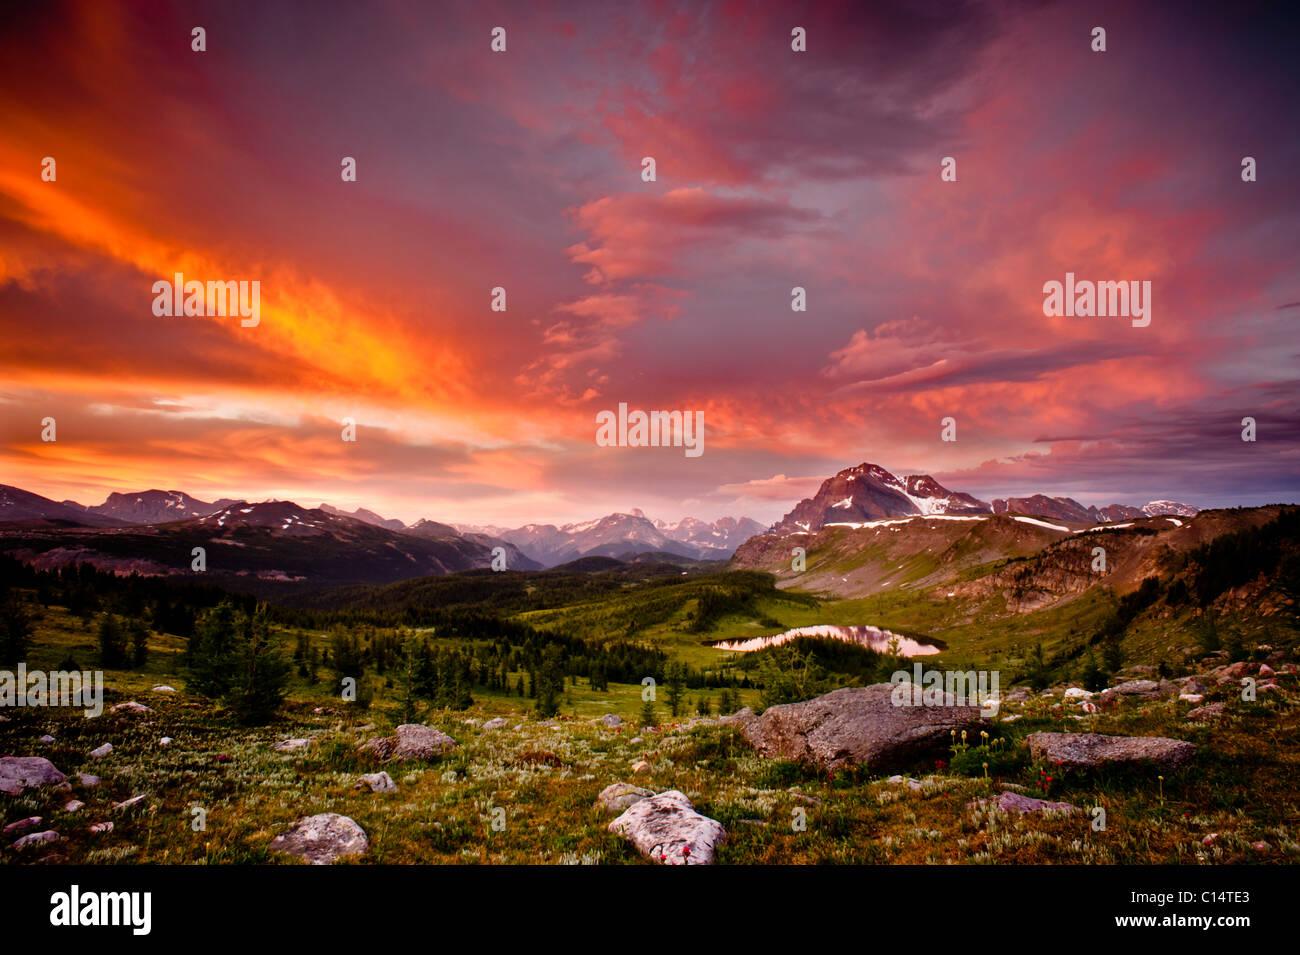 Alba da una cresta che domina la valle di montagna. Il Parco Nazionale di Banff, Alberta, Canada. Immagini Stock